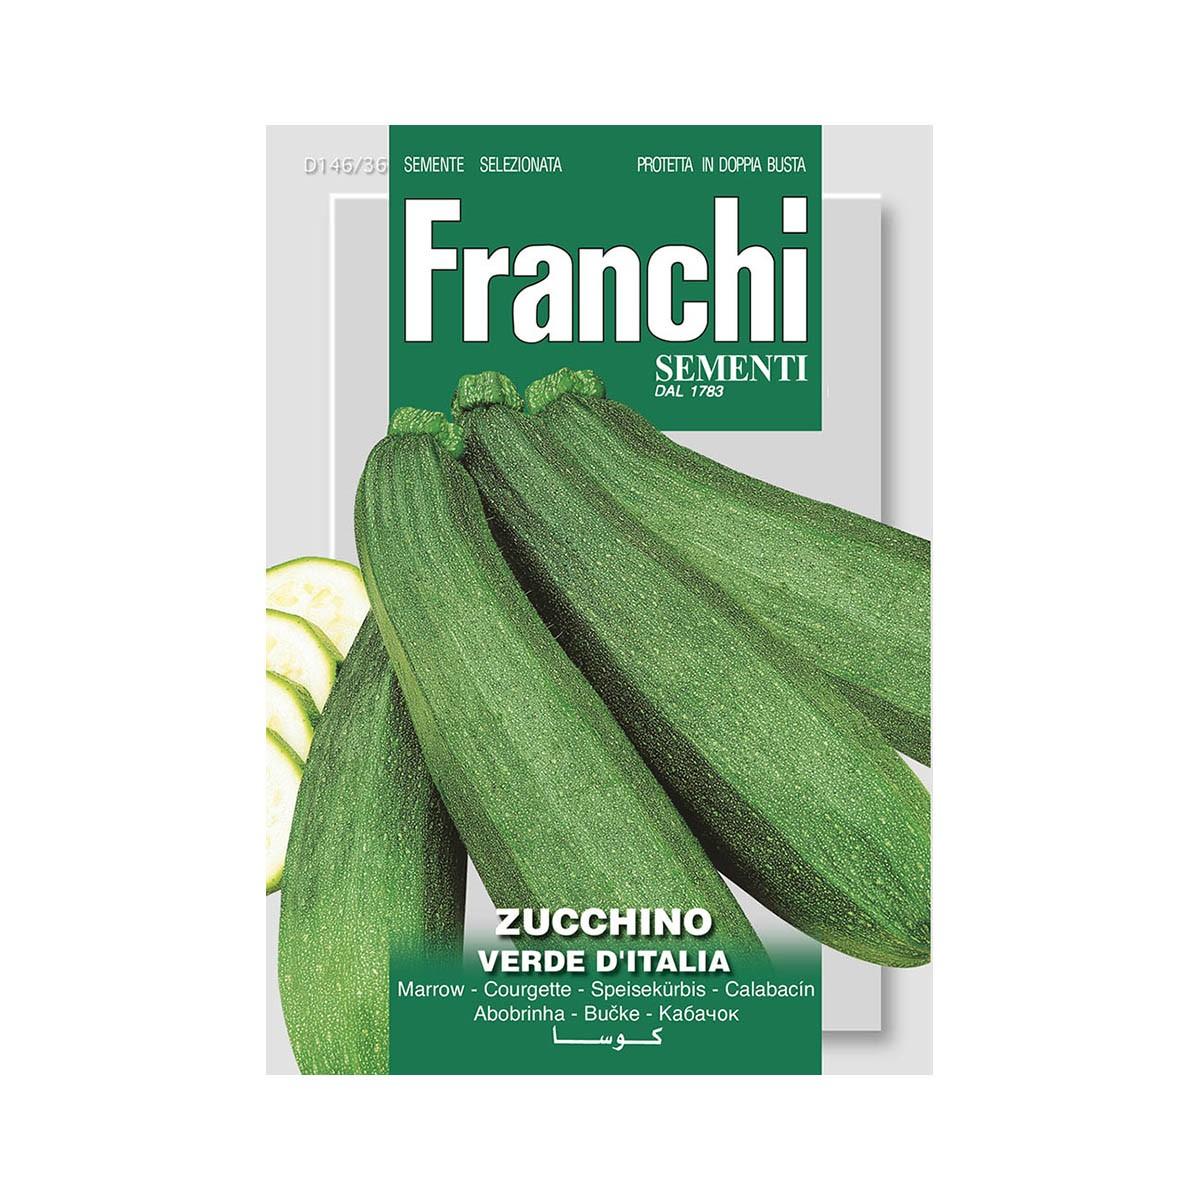 Semi Zucchino Verde D'italia